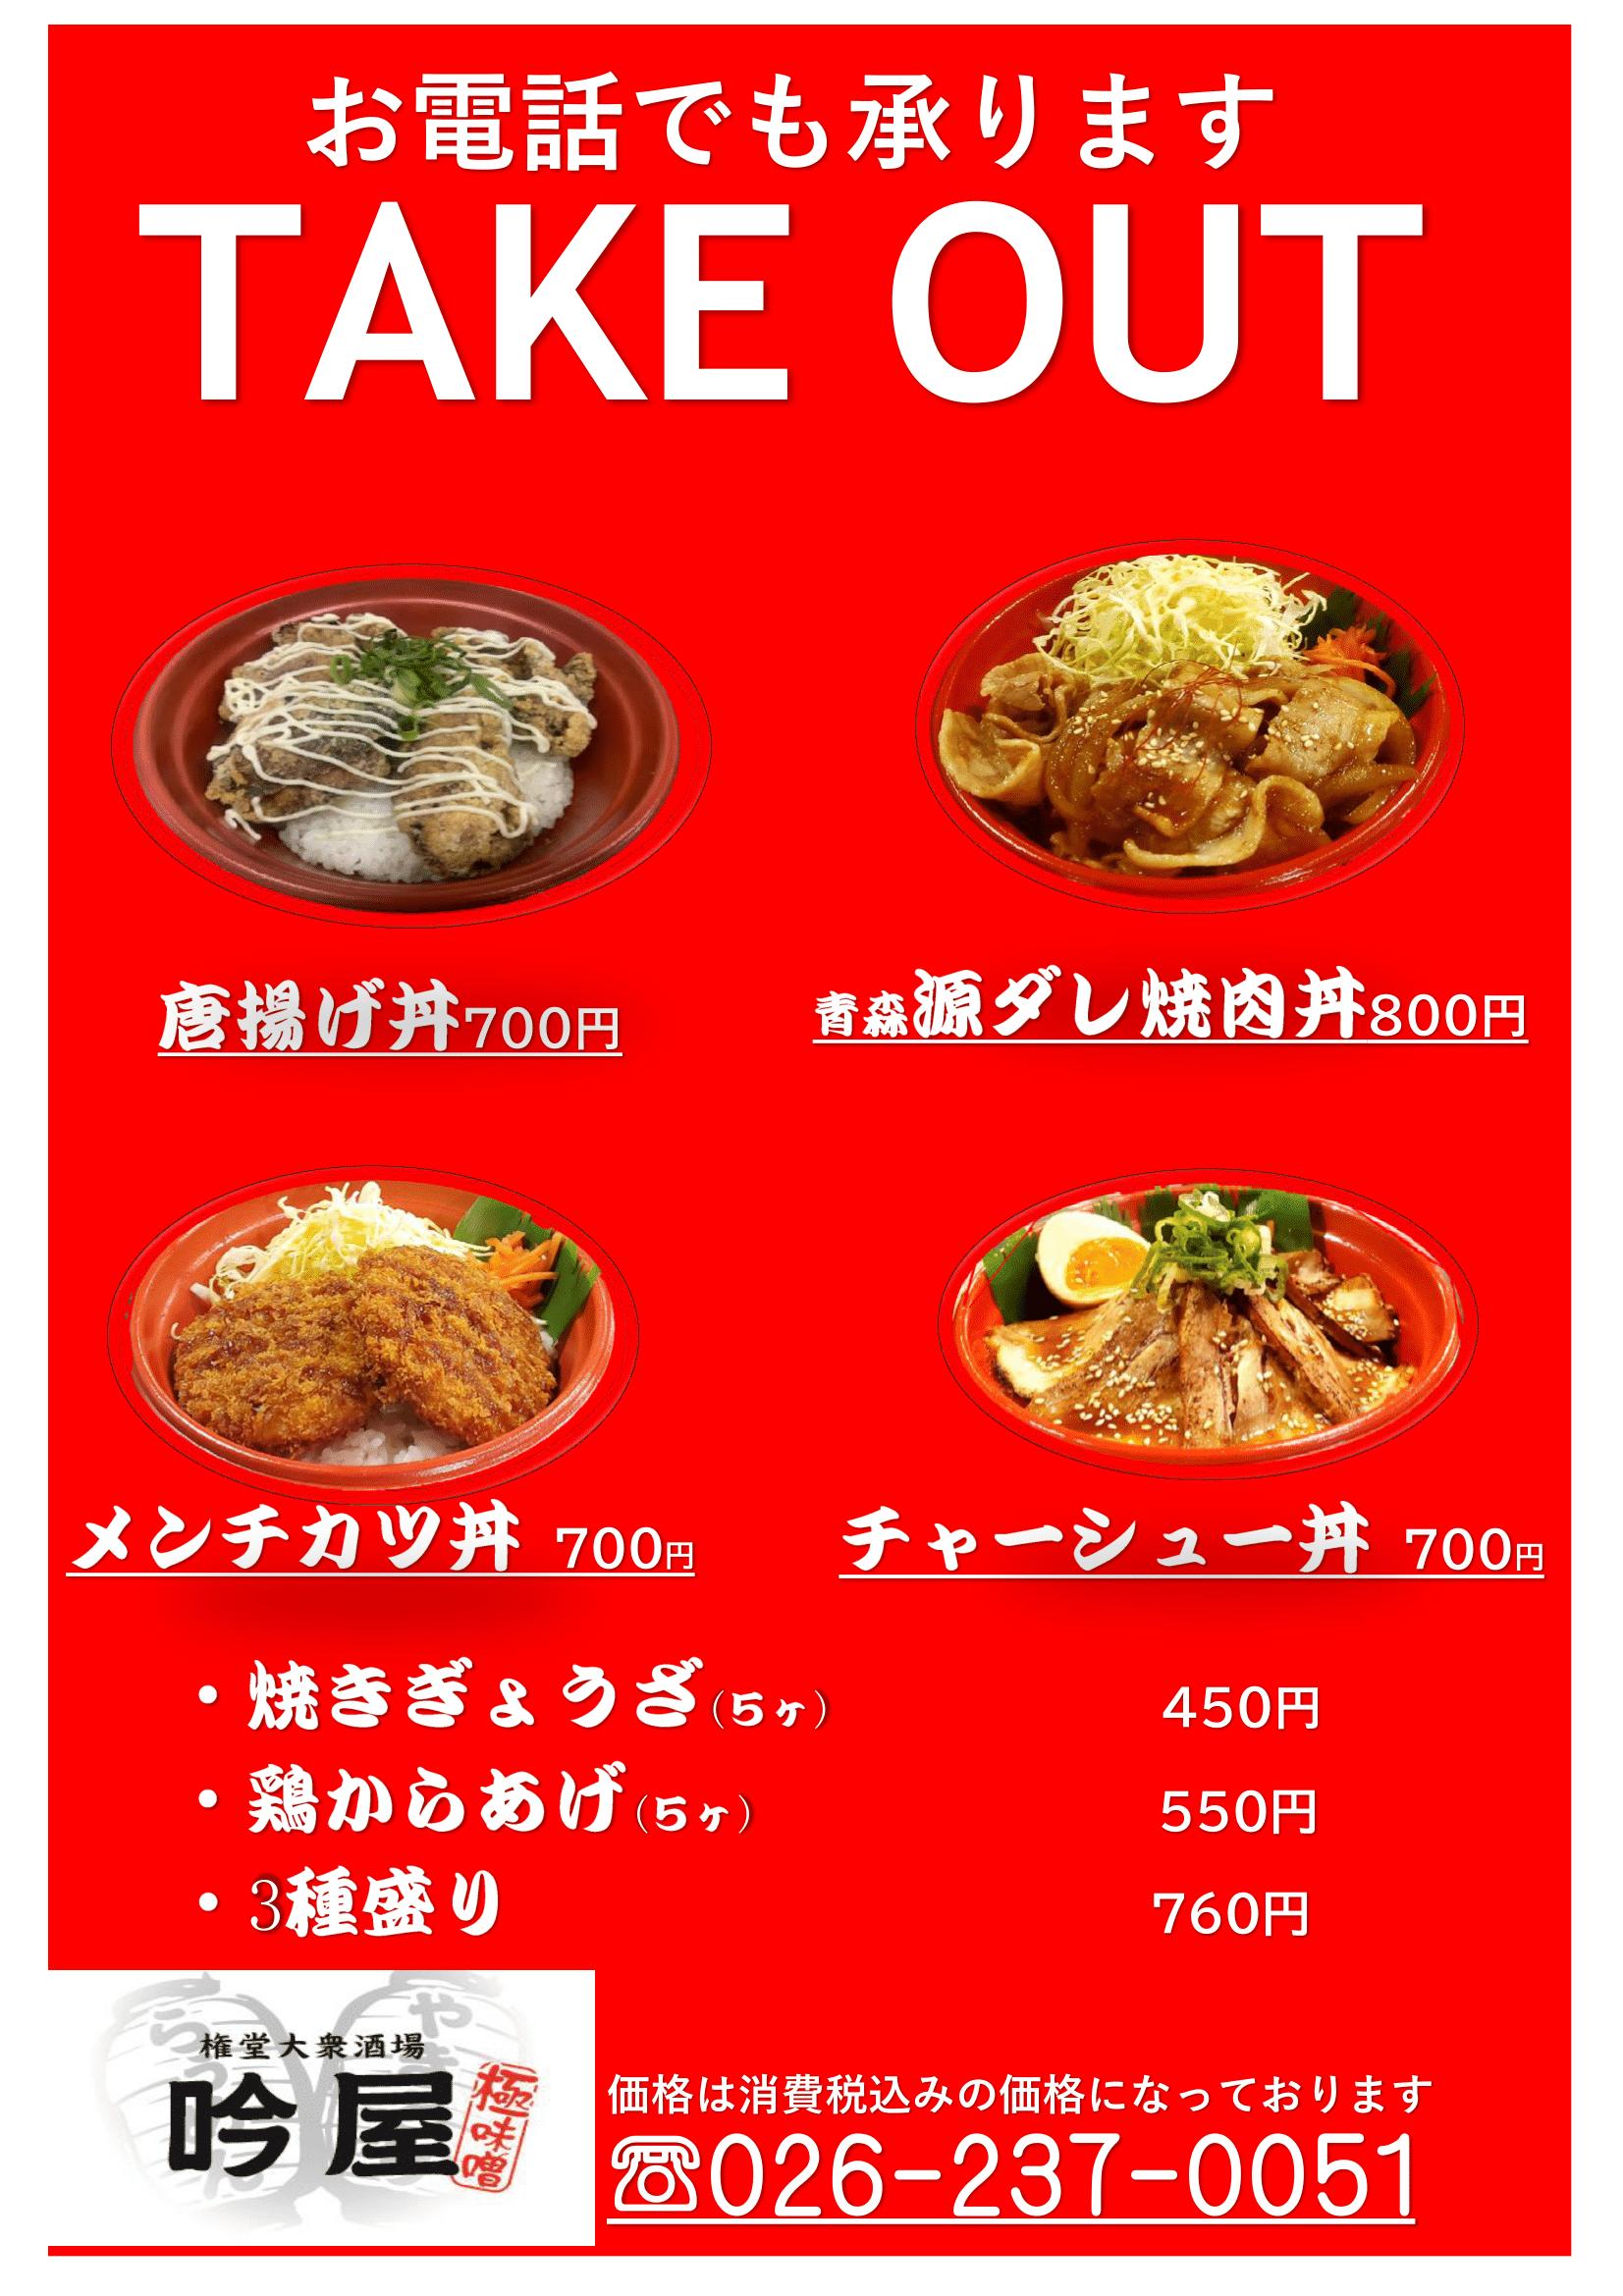 権堂大衆酒場吟屋テイクアウトメニュー1